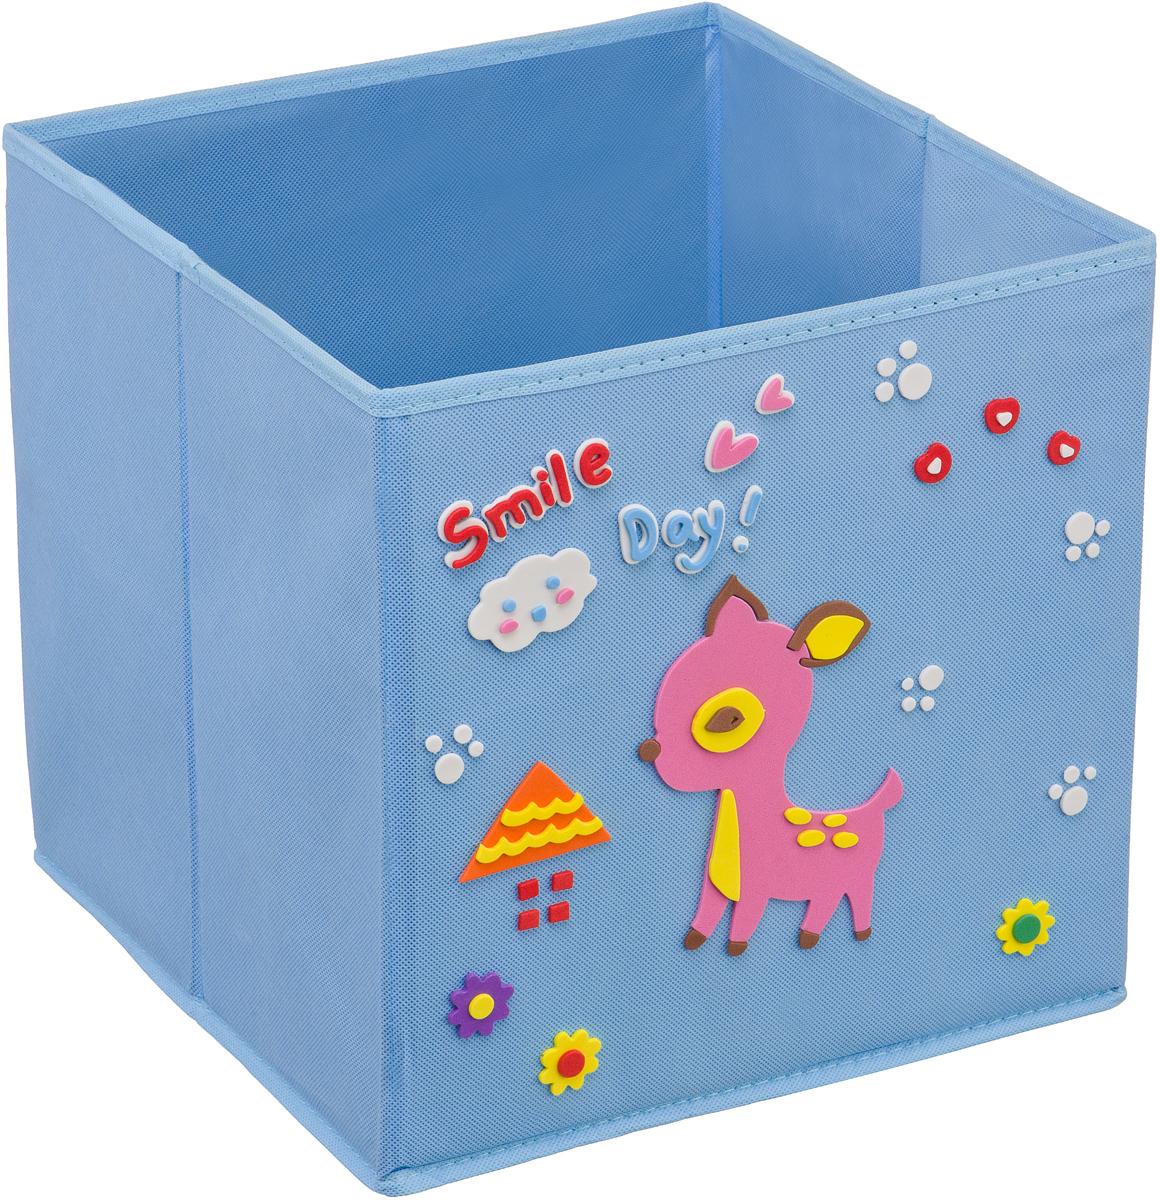 Кофр для хранения Handy Home Олененок, с аппликацией, цвет: голубойUC-106Кофр с аппликацией - универсальная система для домашнего хранения, которая дополняется интересной аппликацией с эксклюзивным и веселым детским дизайном для оформления фронтальной стороны короба. Комплект представляет собой складной короб из нетканого материала и картона, плюс самоклеящаяся аппликация из полимера, которую необходимо самому собрать в картину.Соберите всю увлекательную коллекцию у себя дома.